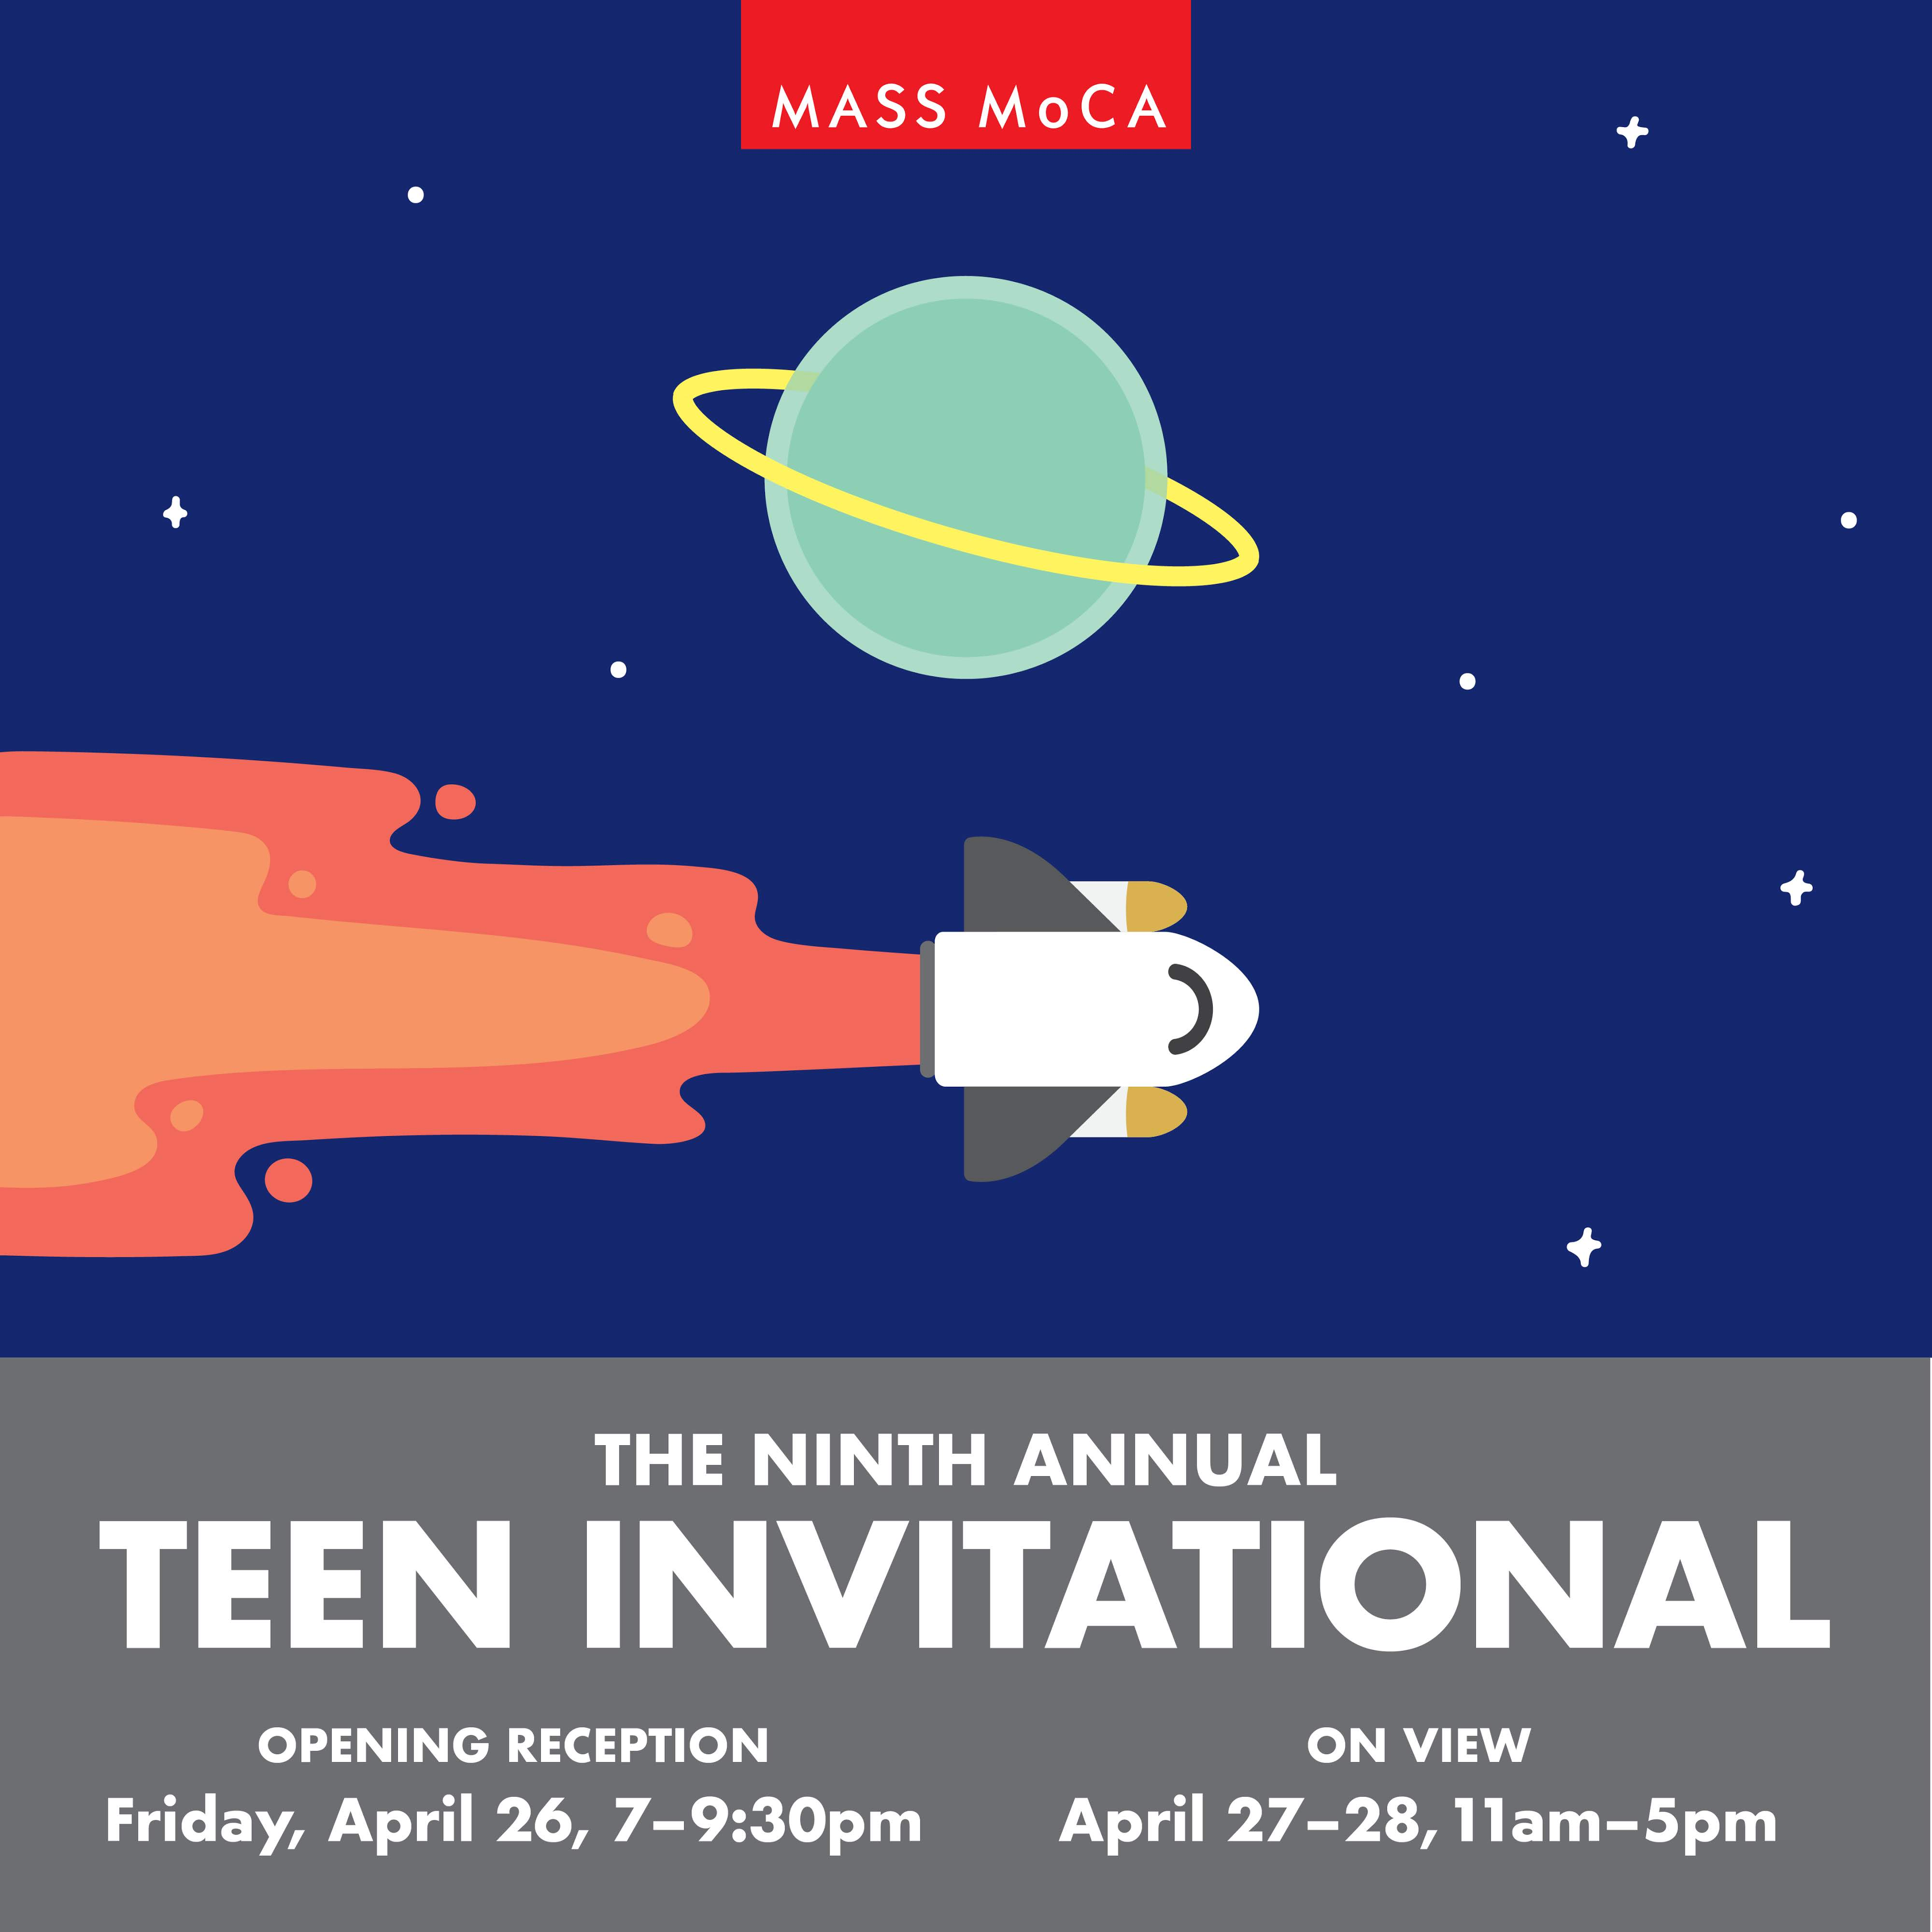 9th Annual MASS MoCA Teen Invitational April 26-28